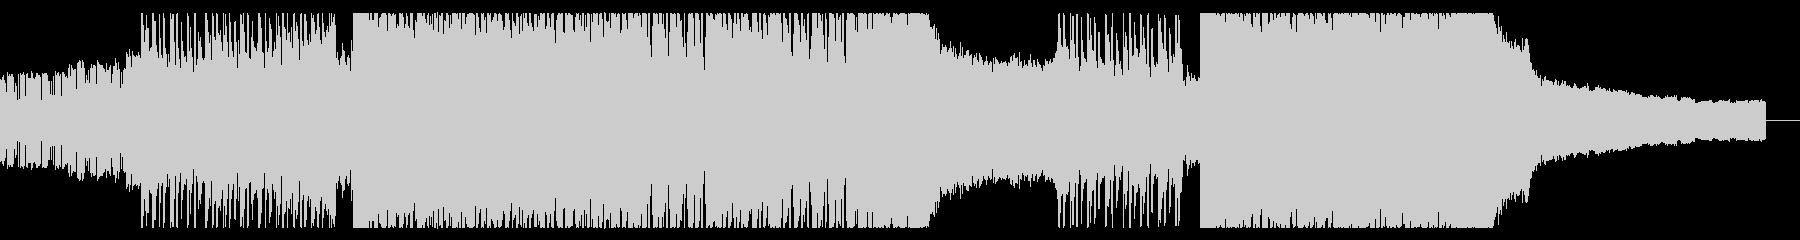 ハイテンポなドラムンベース クールの未再生の波形